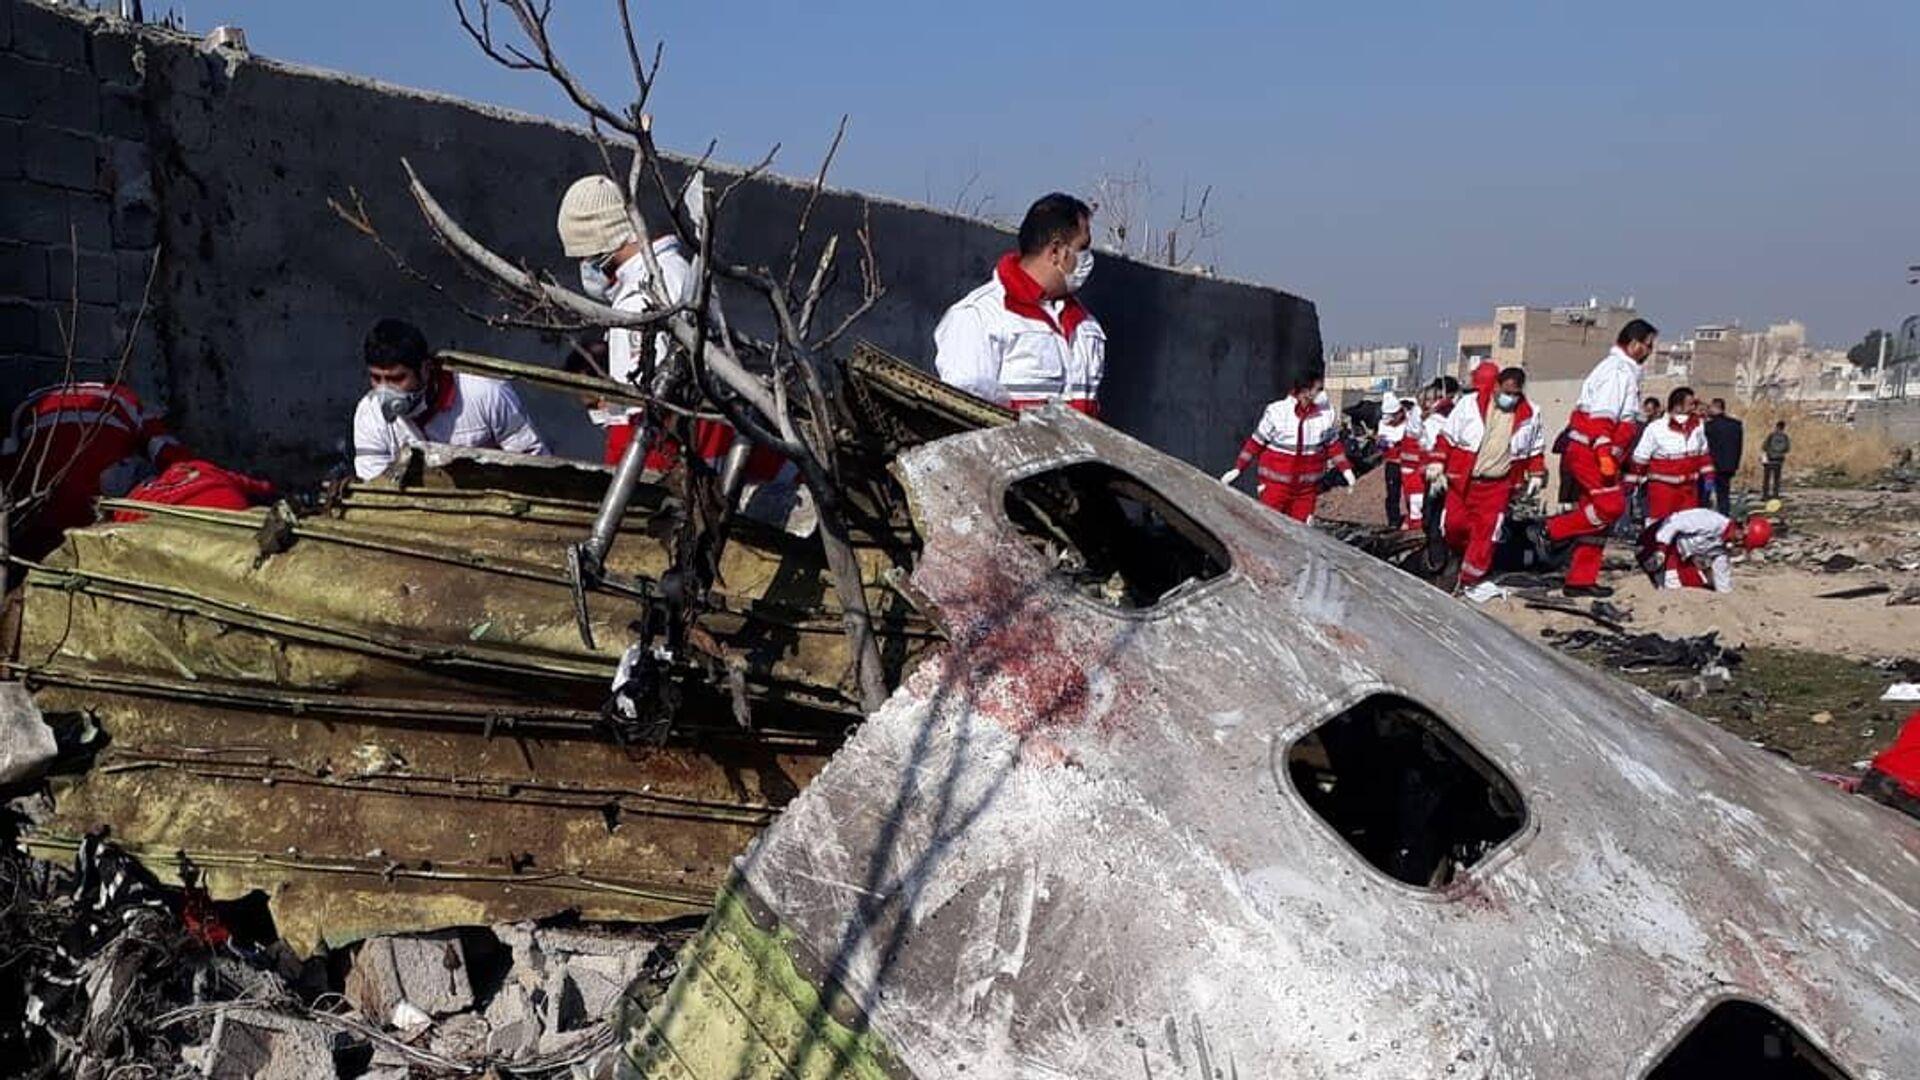 На месте крушения пассажирского лайнера Украины Boeing 737-800 неподалеку от тегеранского международного аэропорта имени Имама Хомейни - РИА Новости, 1920, 31.08.2020